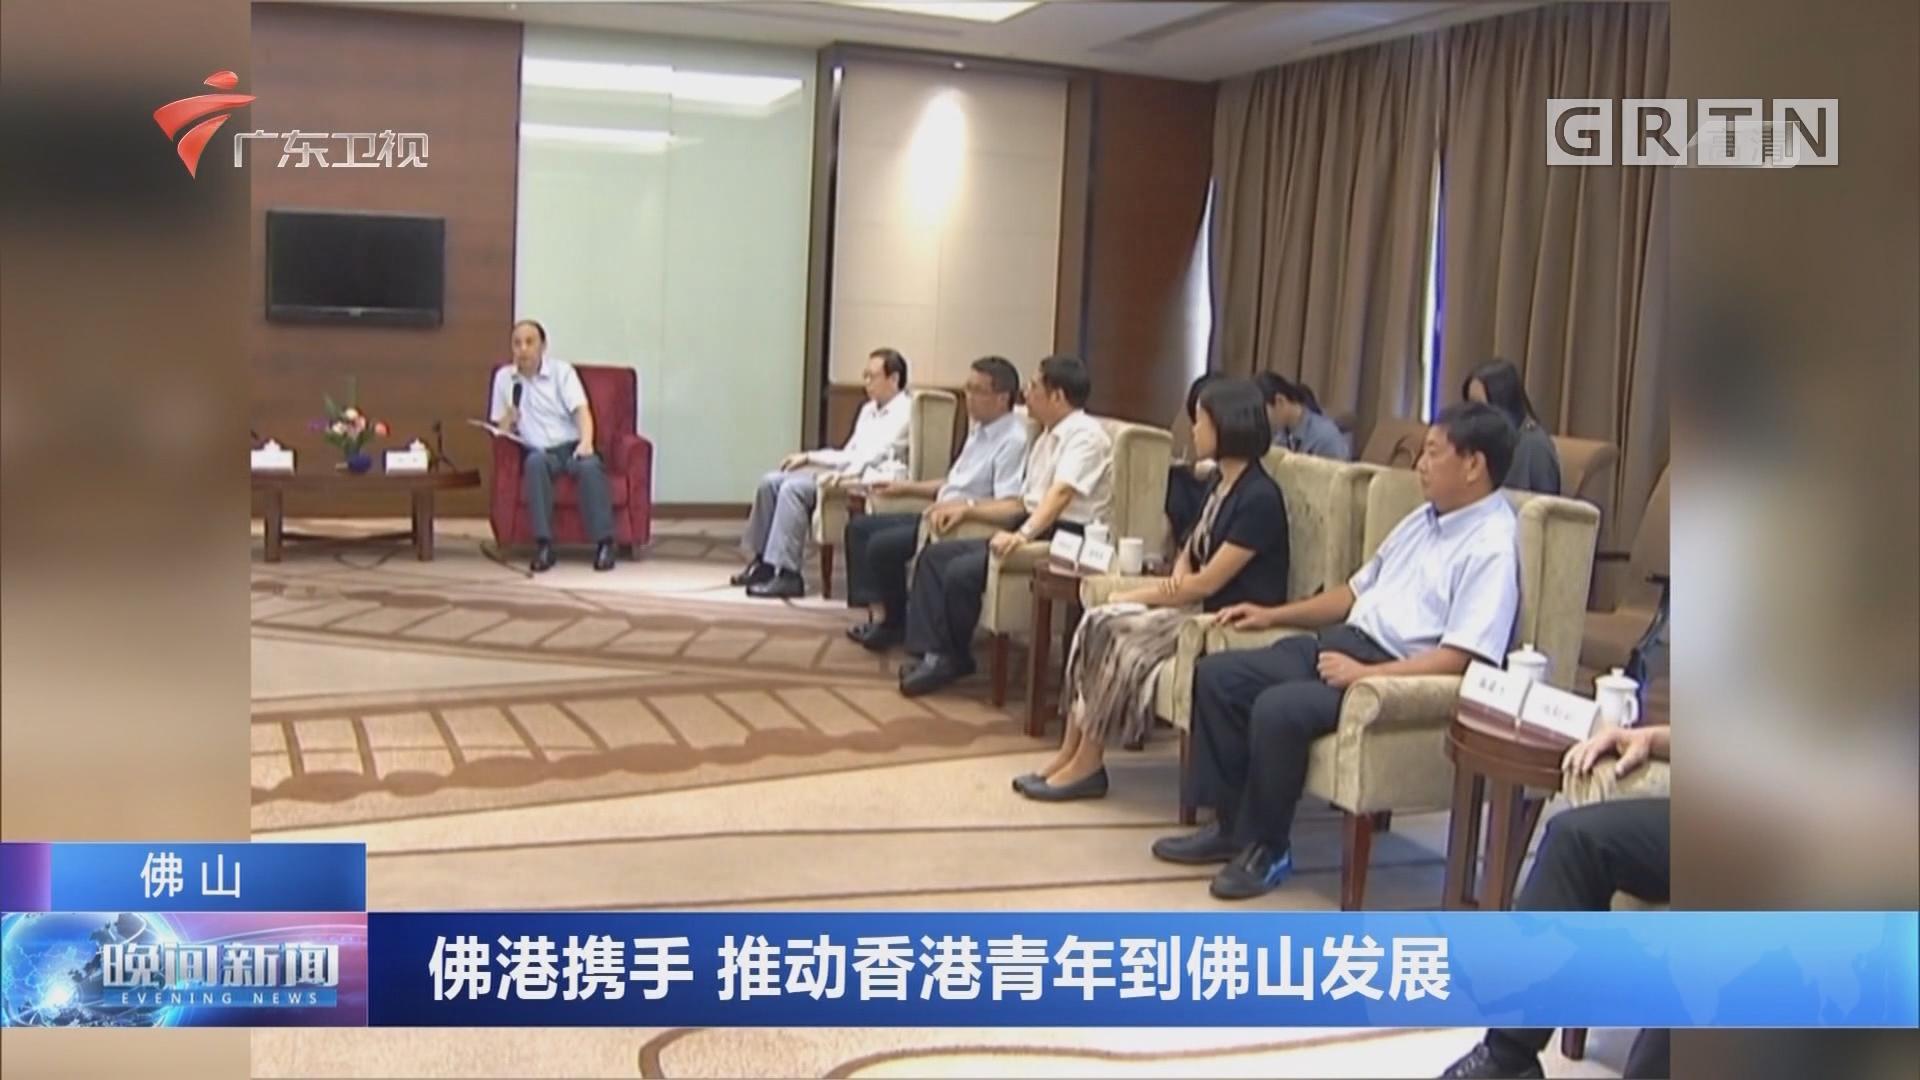 佛山:佛港携手 推动香港青年到佛山发展